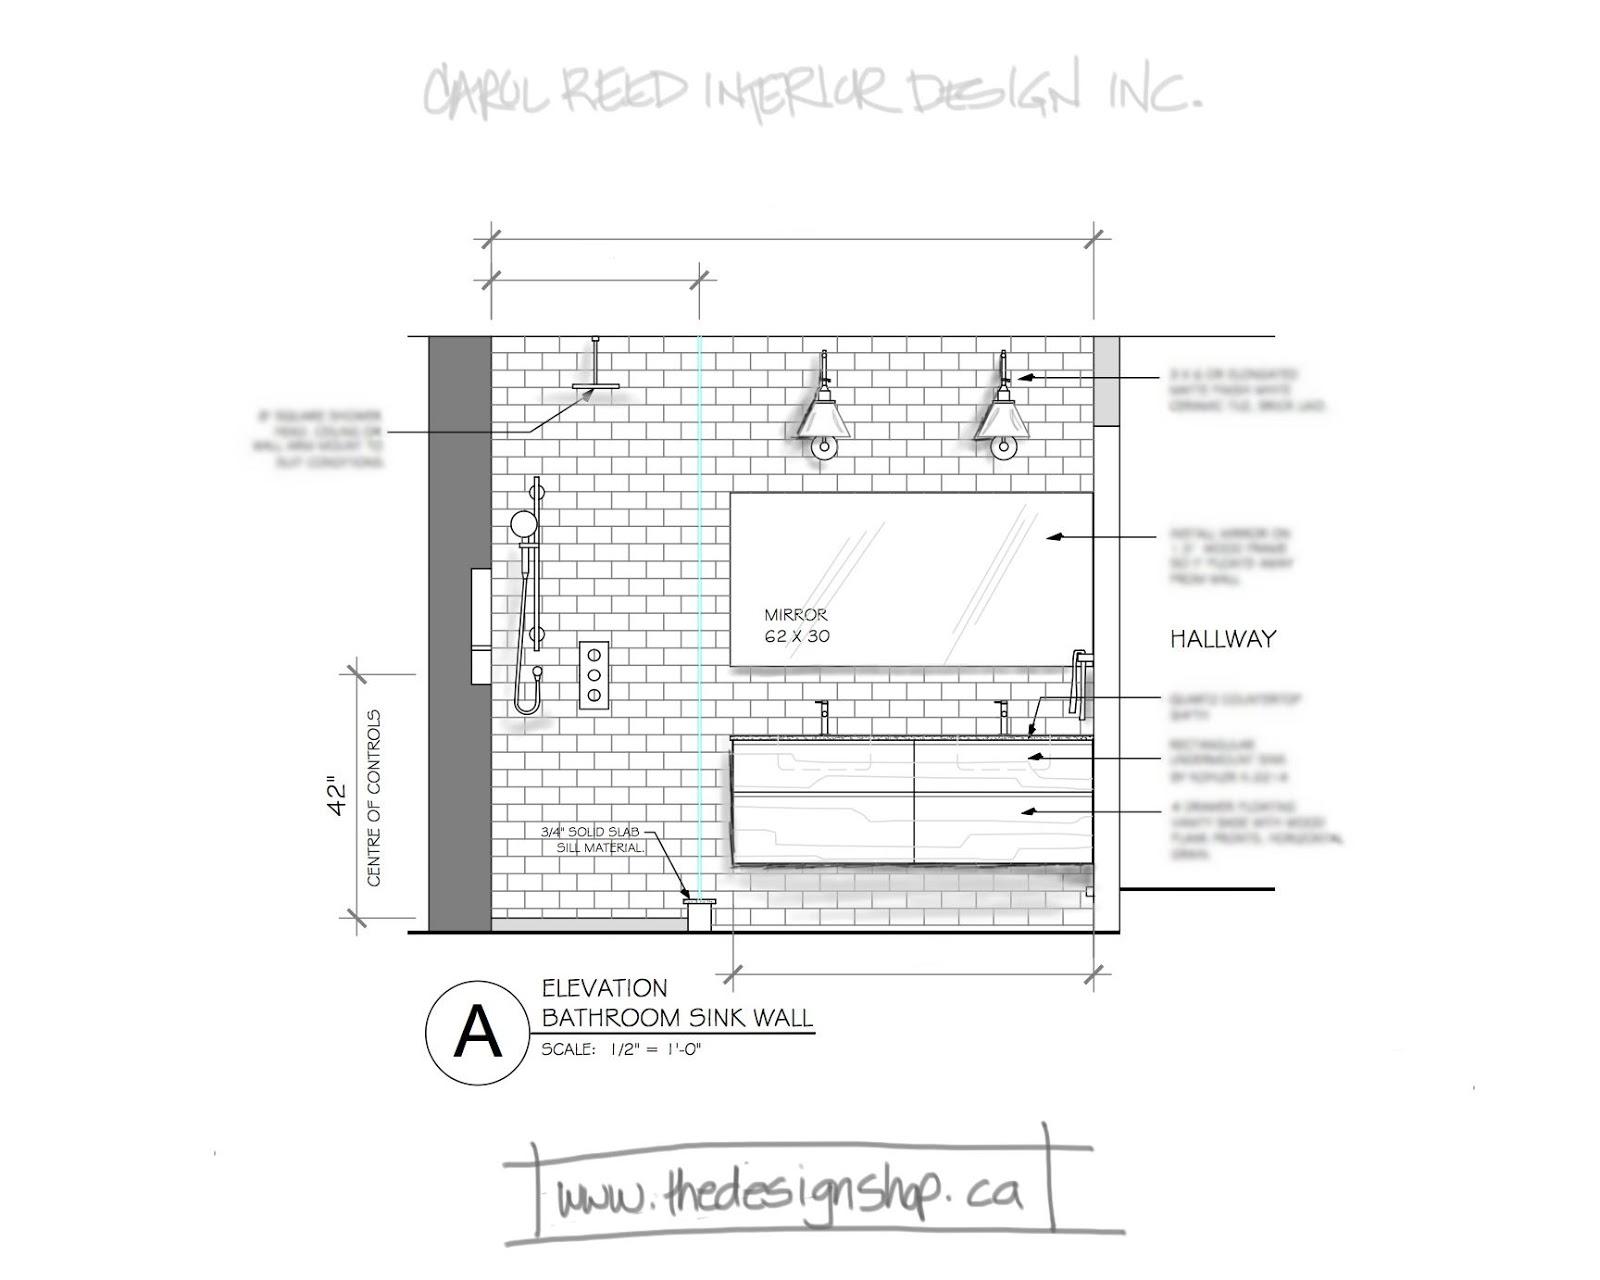 Gwu Floor Plans Creed September 2015